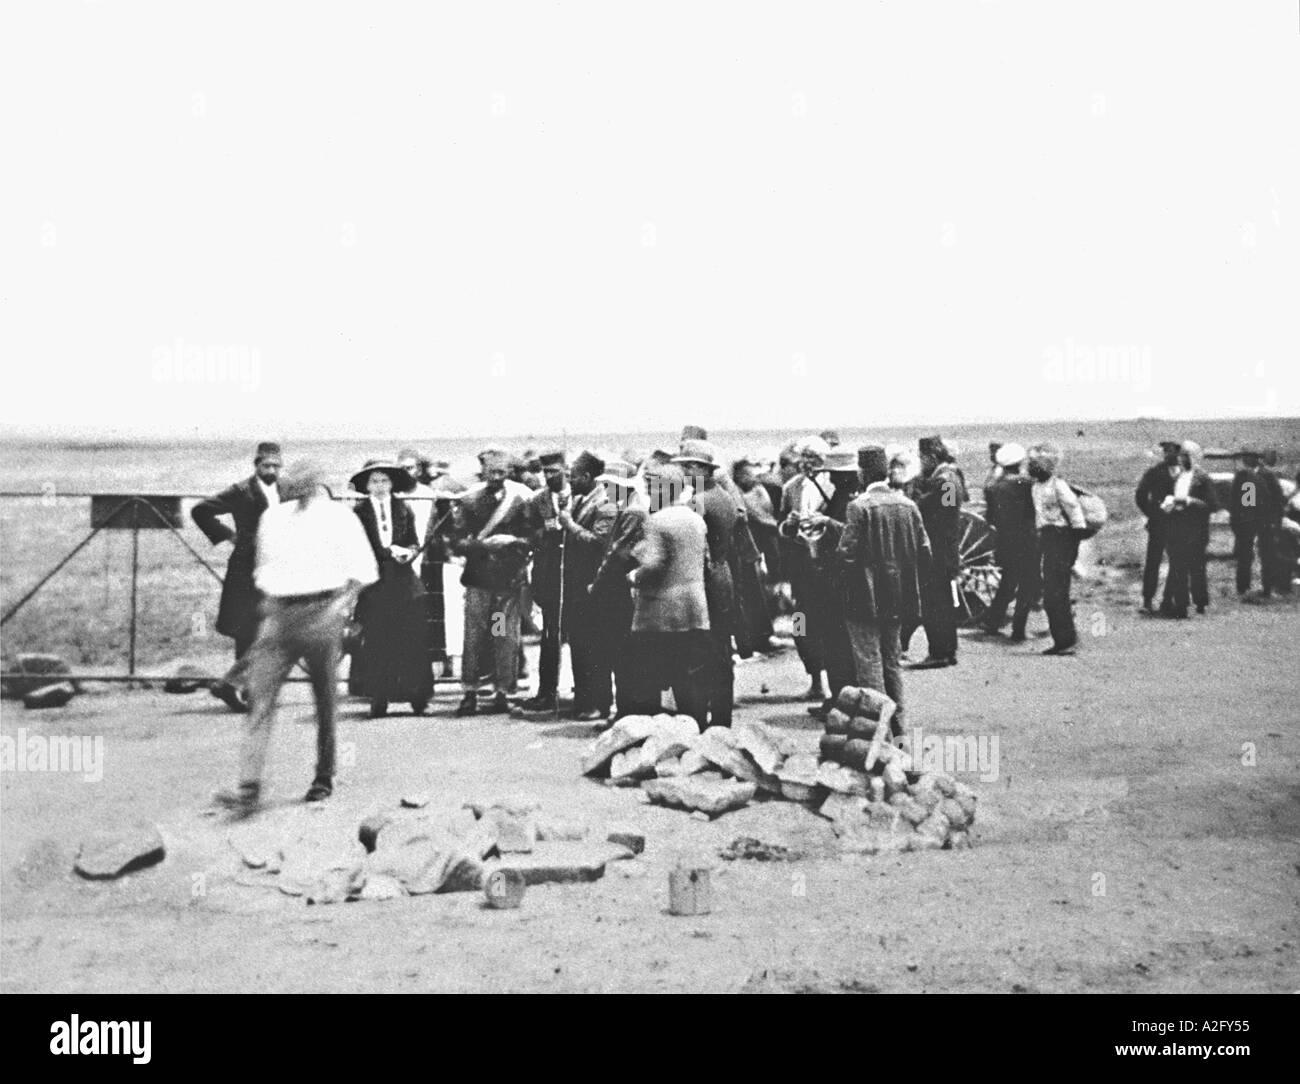 Sorprendente miniera indiana lavoratori guidato da Gandhi dal Transvaal a Newcastle Sud Africa 1900s - MKG 32947 Immagini Stock